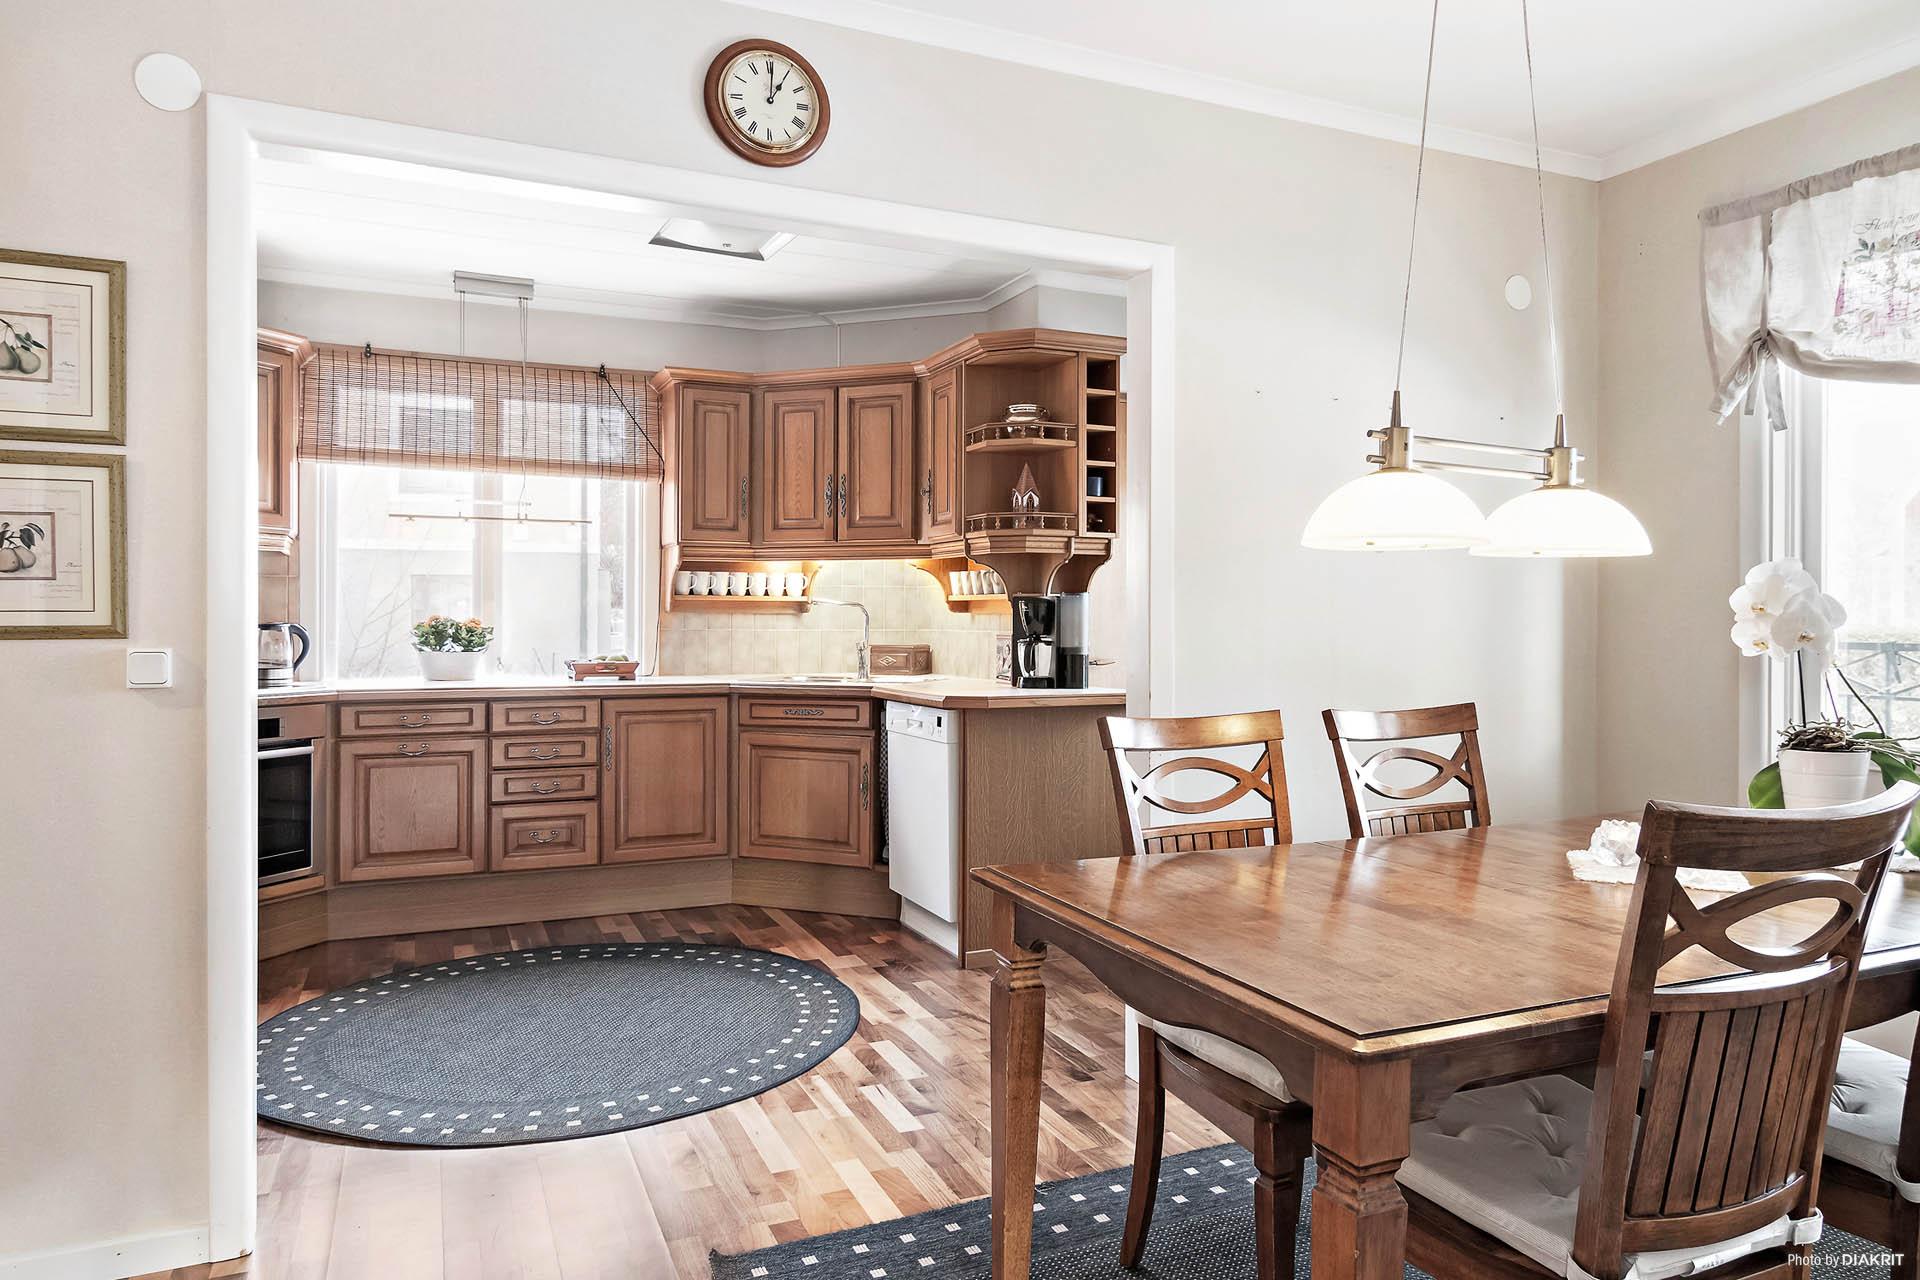 Kök och matrum. Från matrummet utgång till stor balkong